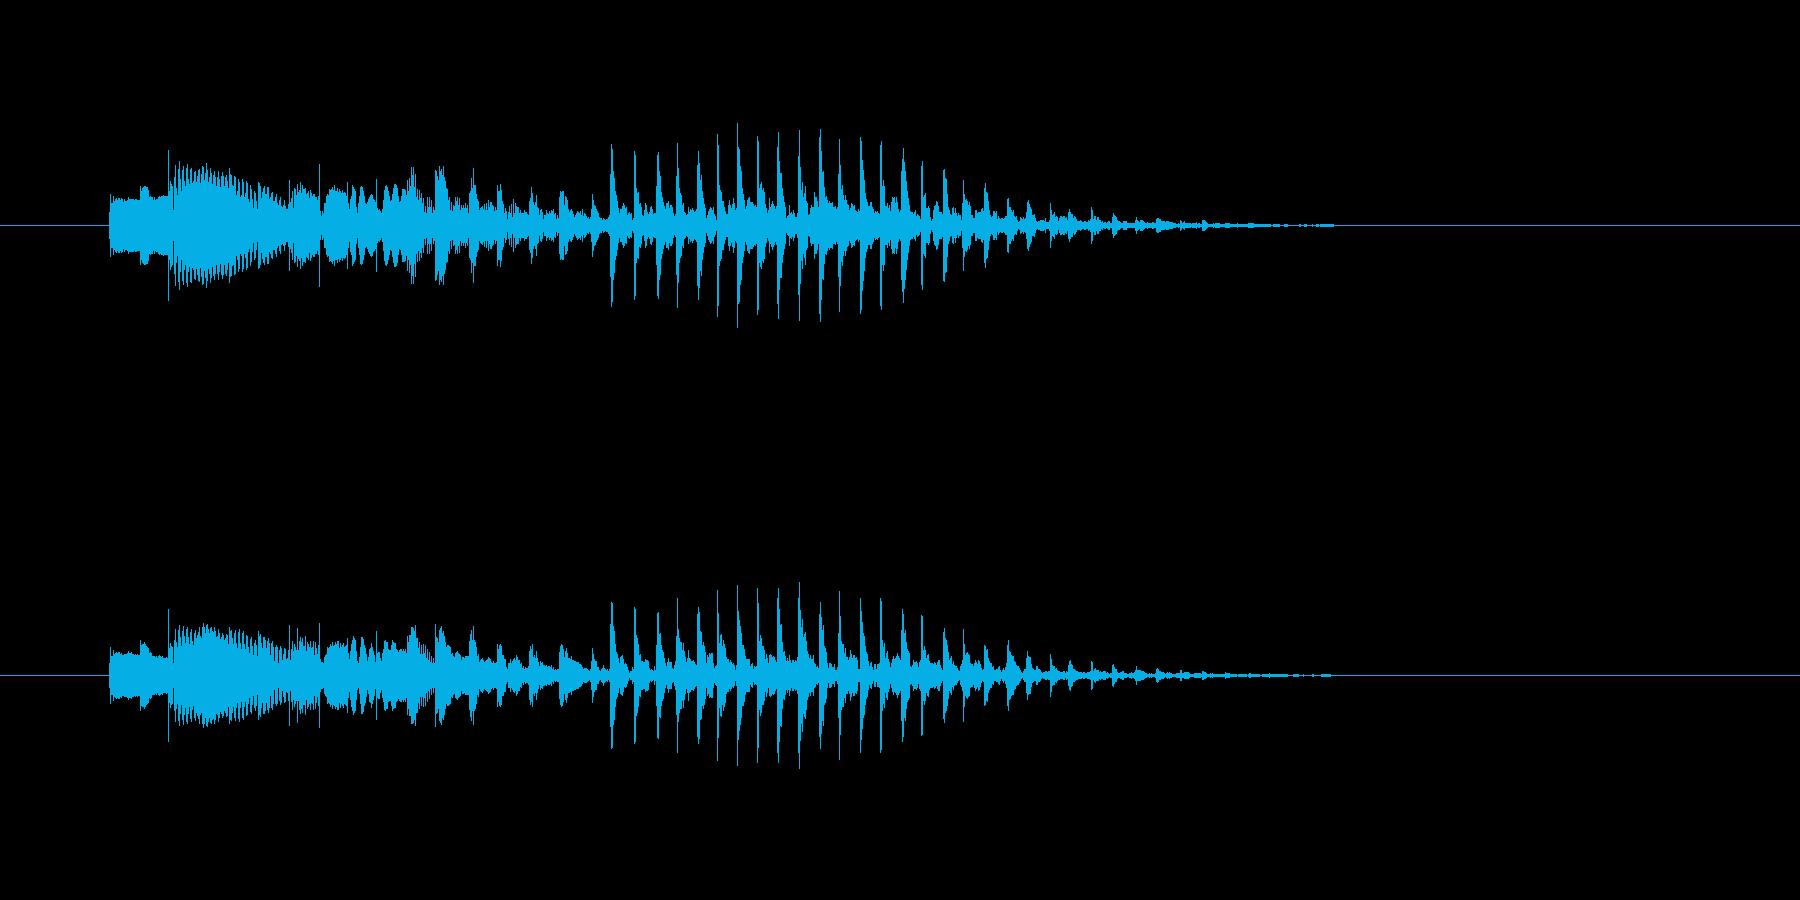 ポパパパ~ン(明るくテンポの早い木琴音)の再生済みの波形